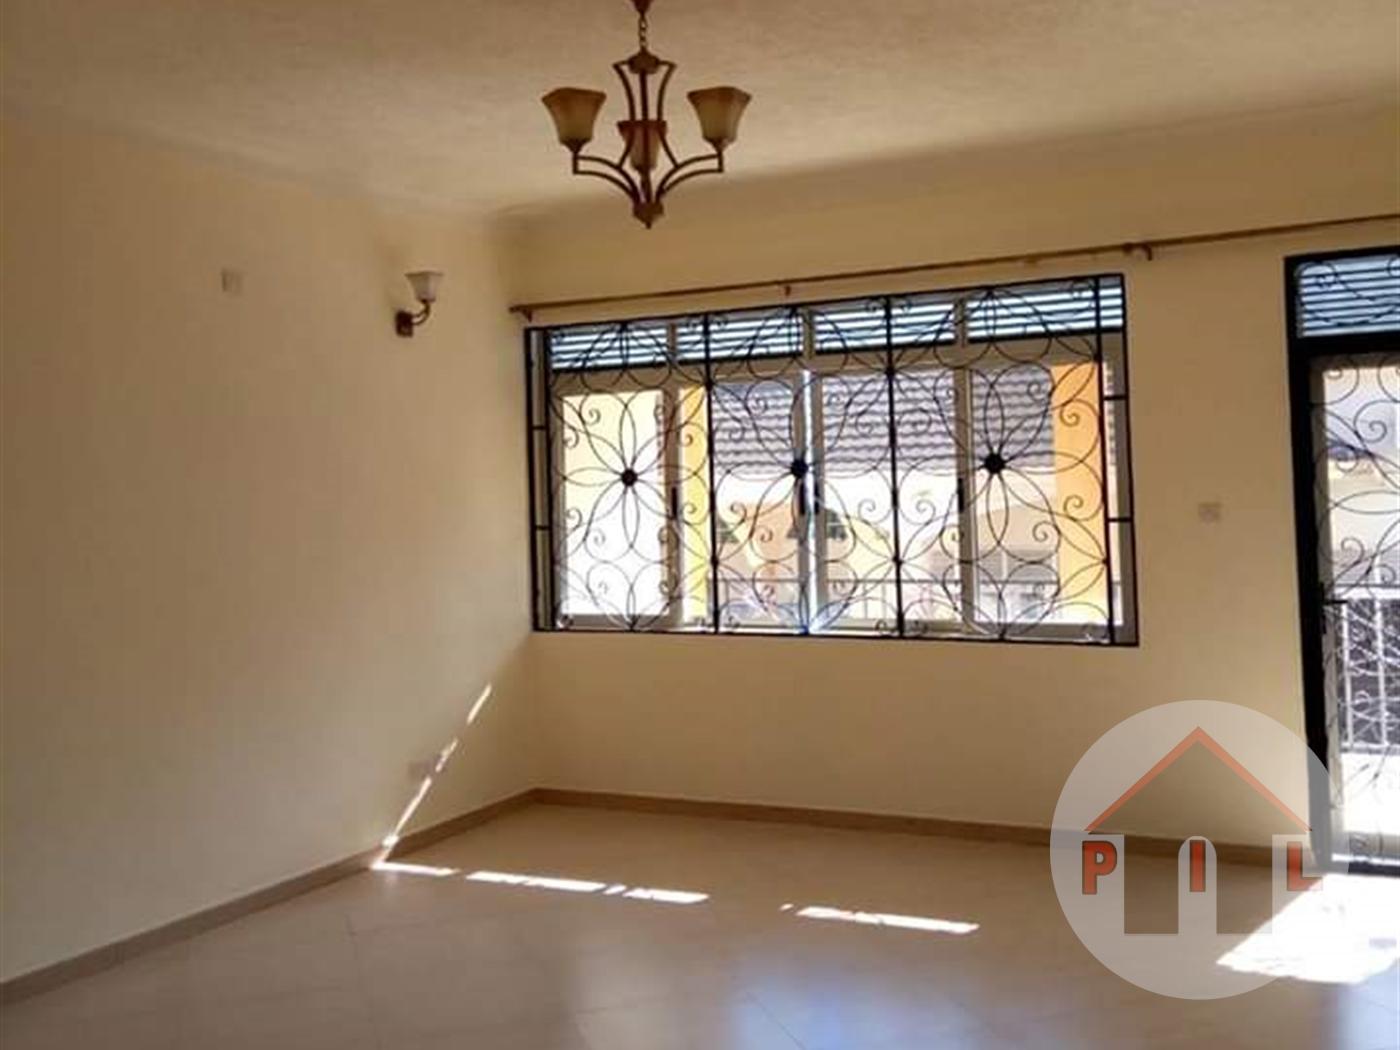 Storeyed house for sale in Munyonyo Kampala